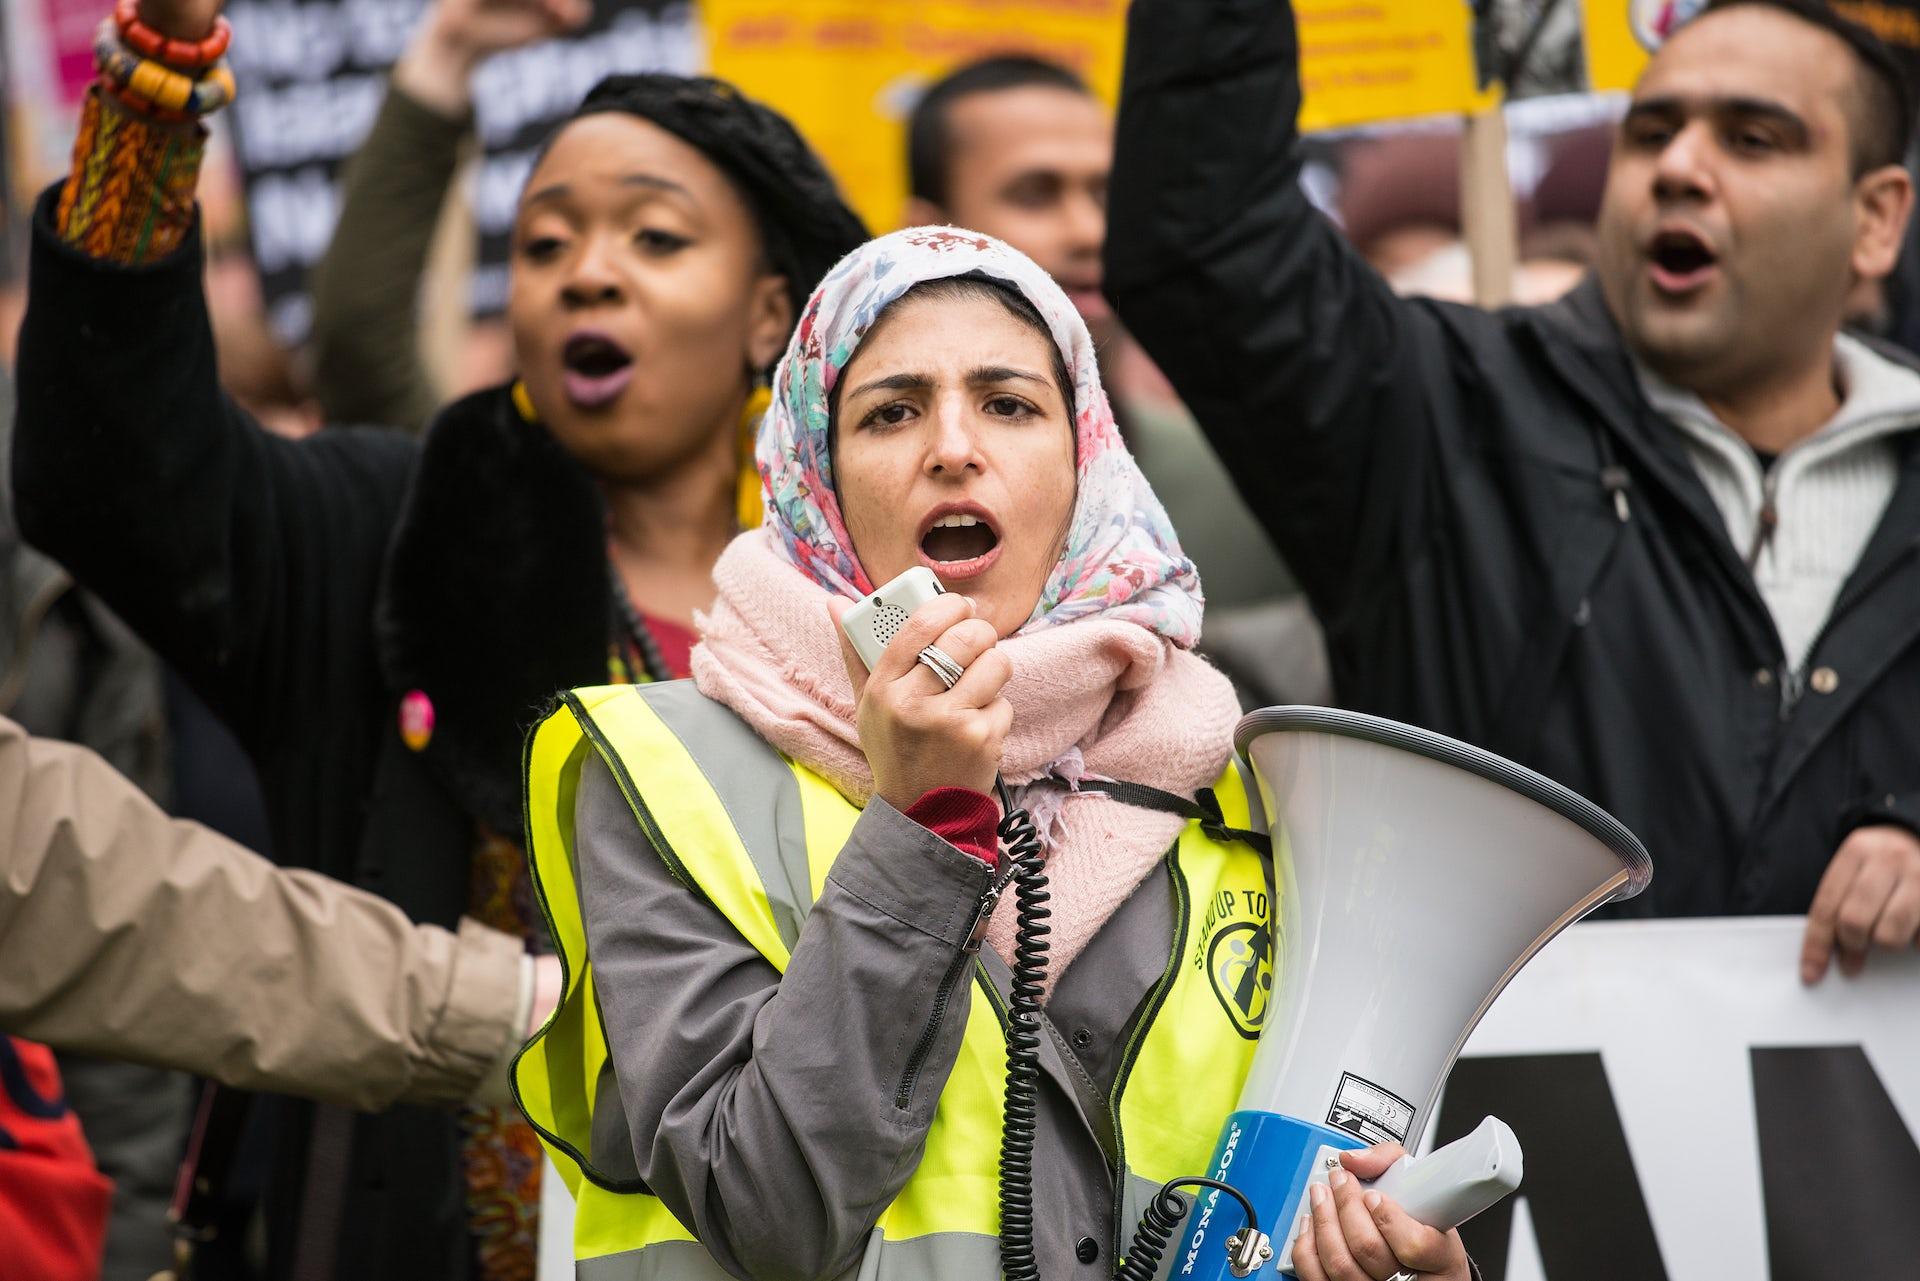 Conspiracy theories fuel prejudice towards minority groups